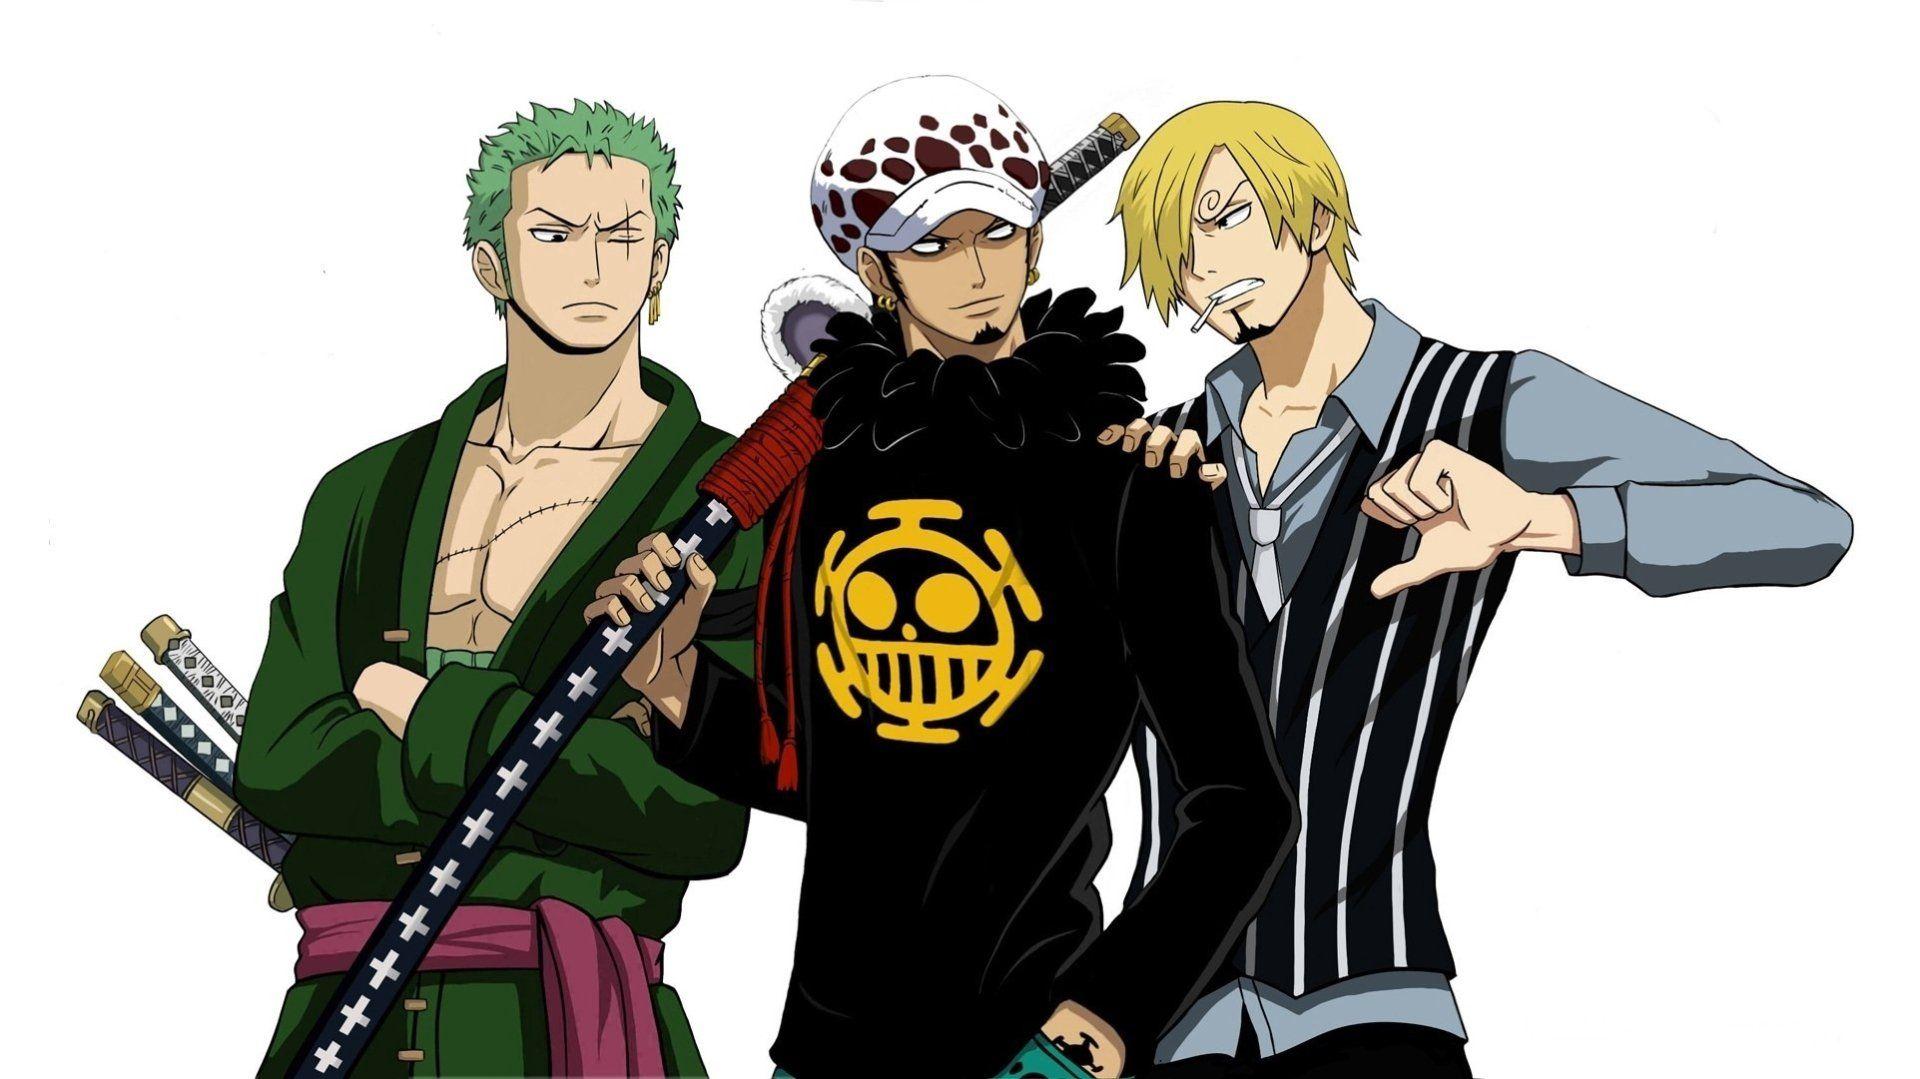 Anime One Piece Zoro Roronoa Trafalgar Law Sanji One Piece